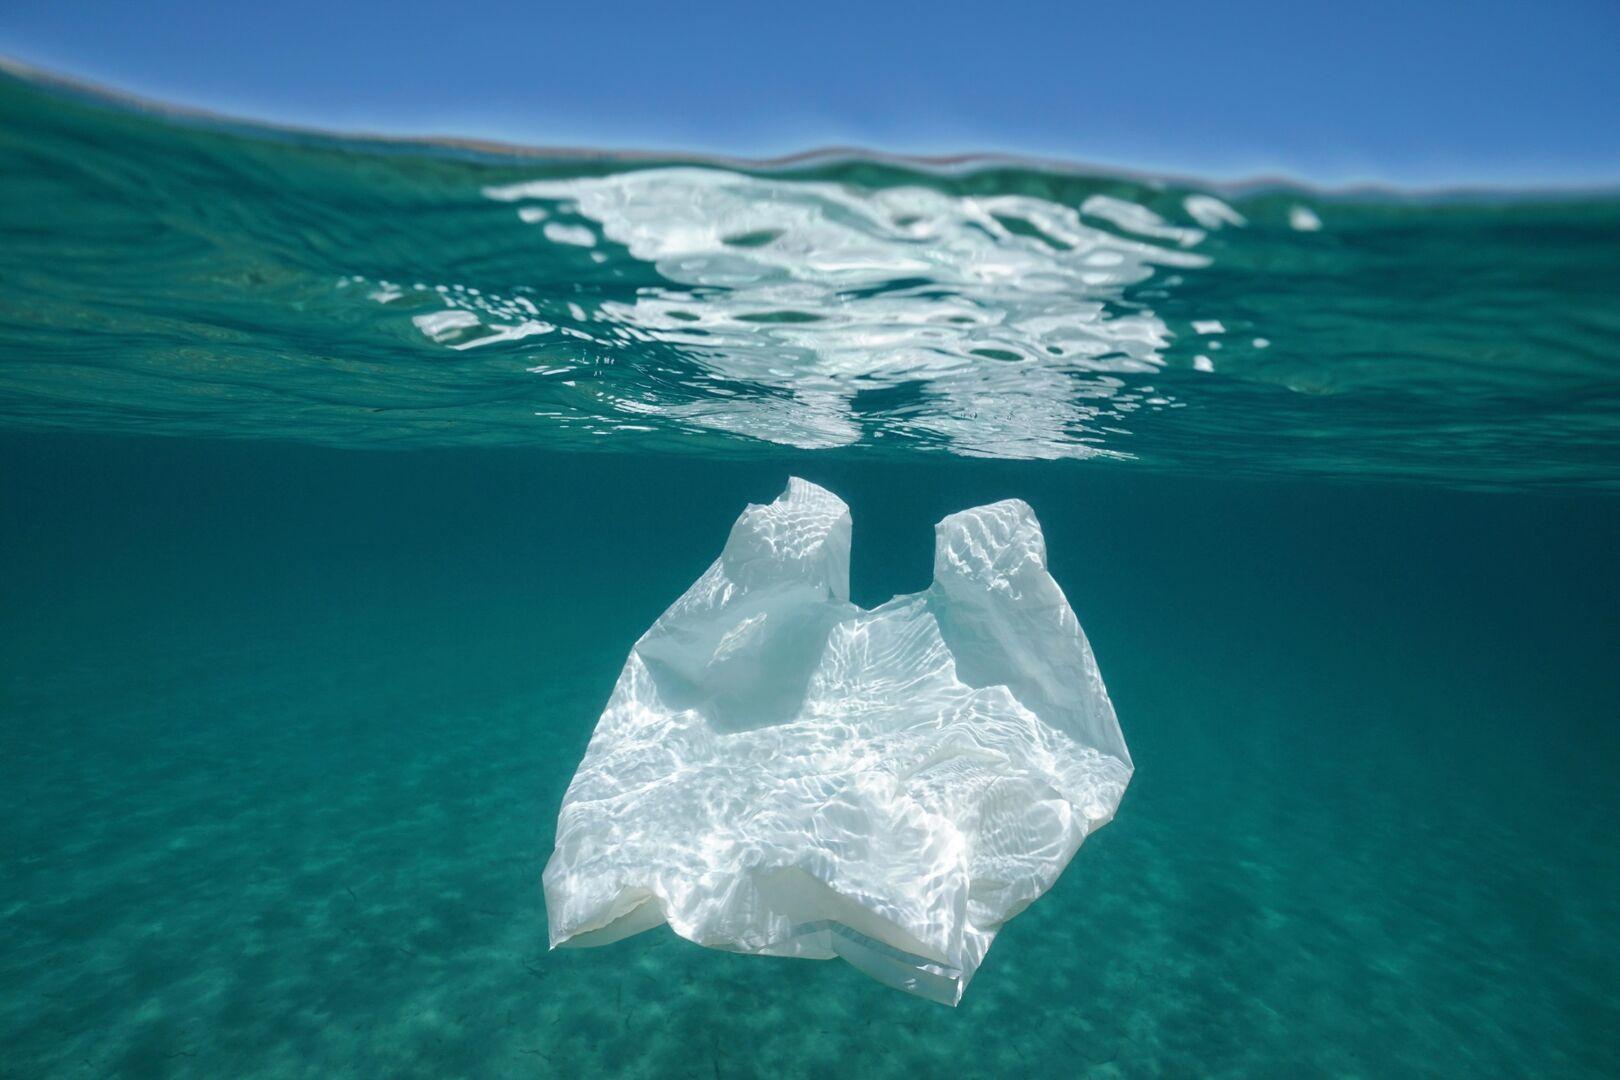 8Del Suponen Mercado Las Plástico Oceánico Libre Bolsas Un 0 Apenas c3TF1JlK